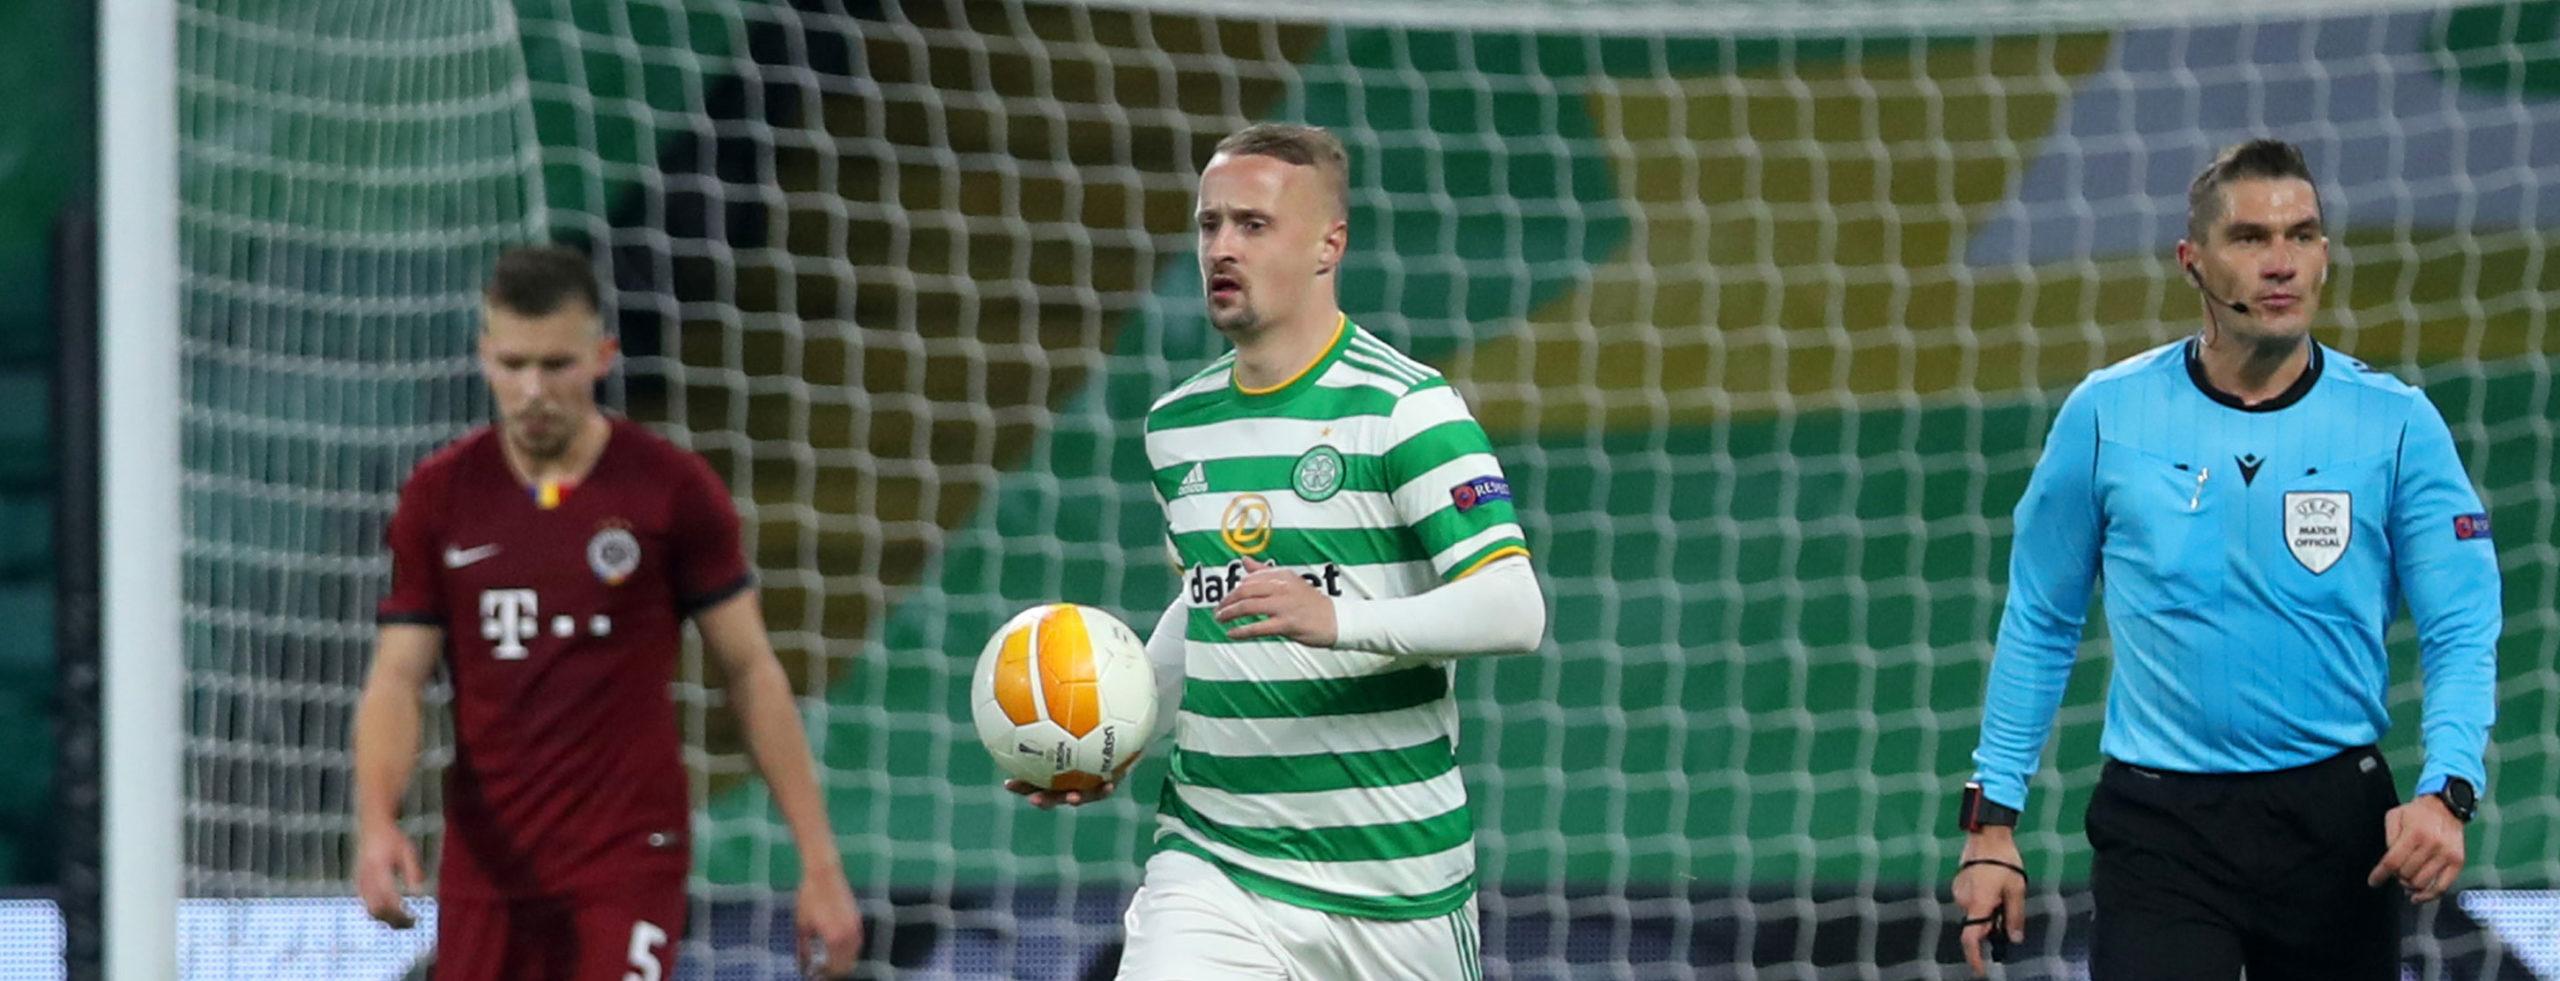 Sparta Prague vs Celtic: Hoops ready for revenge